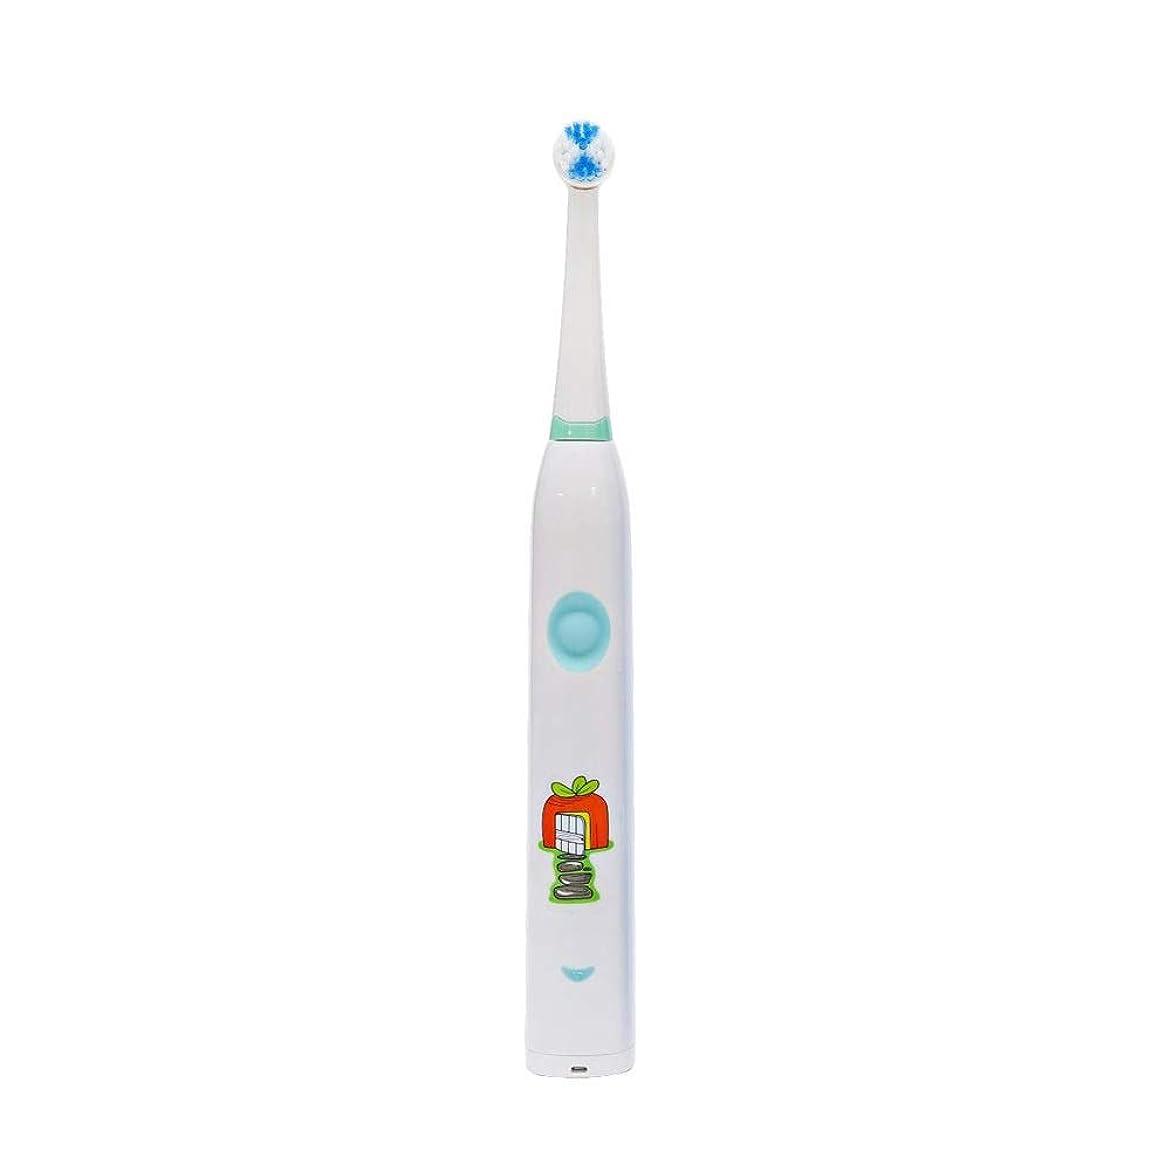 背が高い娘農学自動歯ブラシ 子供のかわいいUSB充電式電動歯ブラシ (色 : 白, サイズ : Free size)